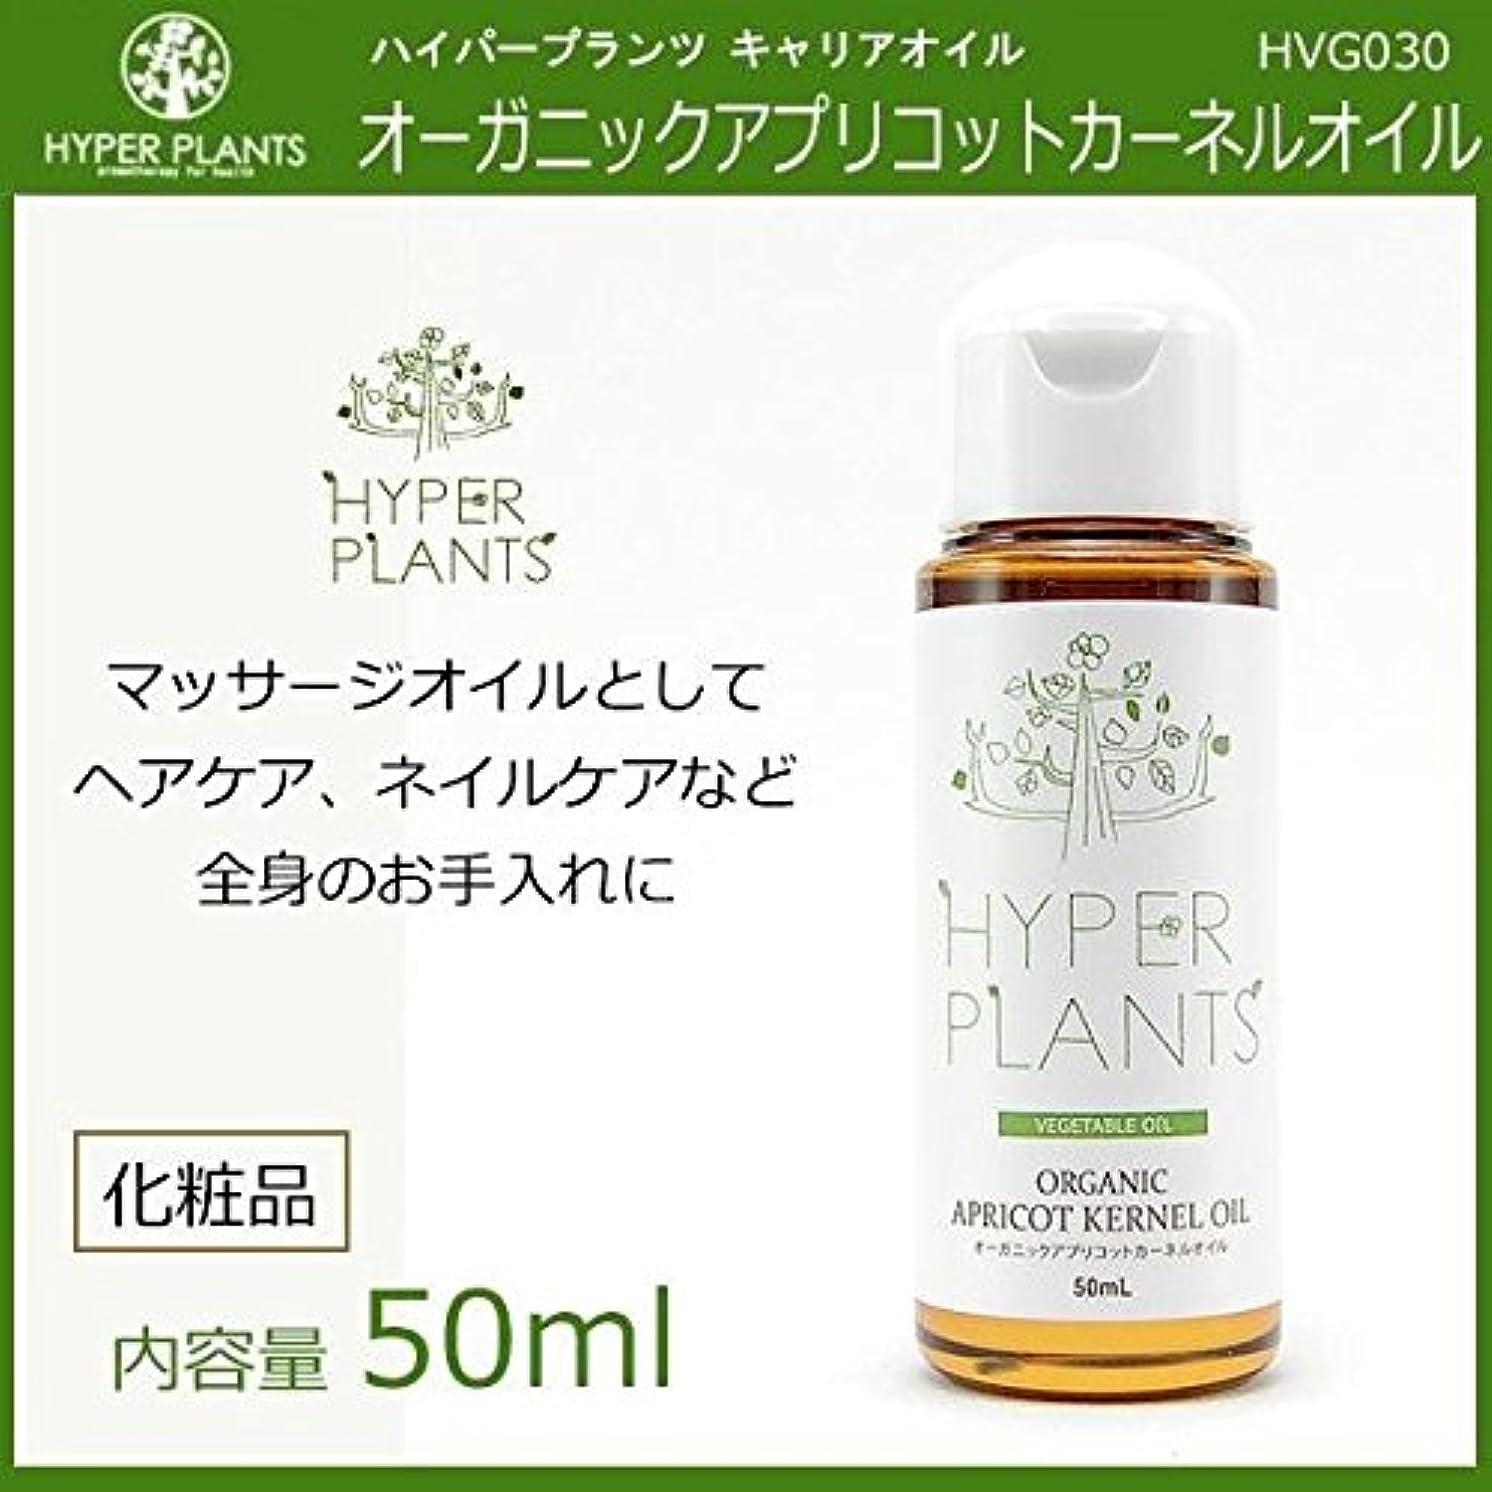 何か殺します焦がすHYPER PLANTS ハイパープランツ キャリアオイル オーガニックアプリコットカーネルオイル 50ml HVG030